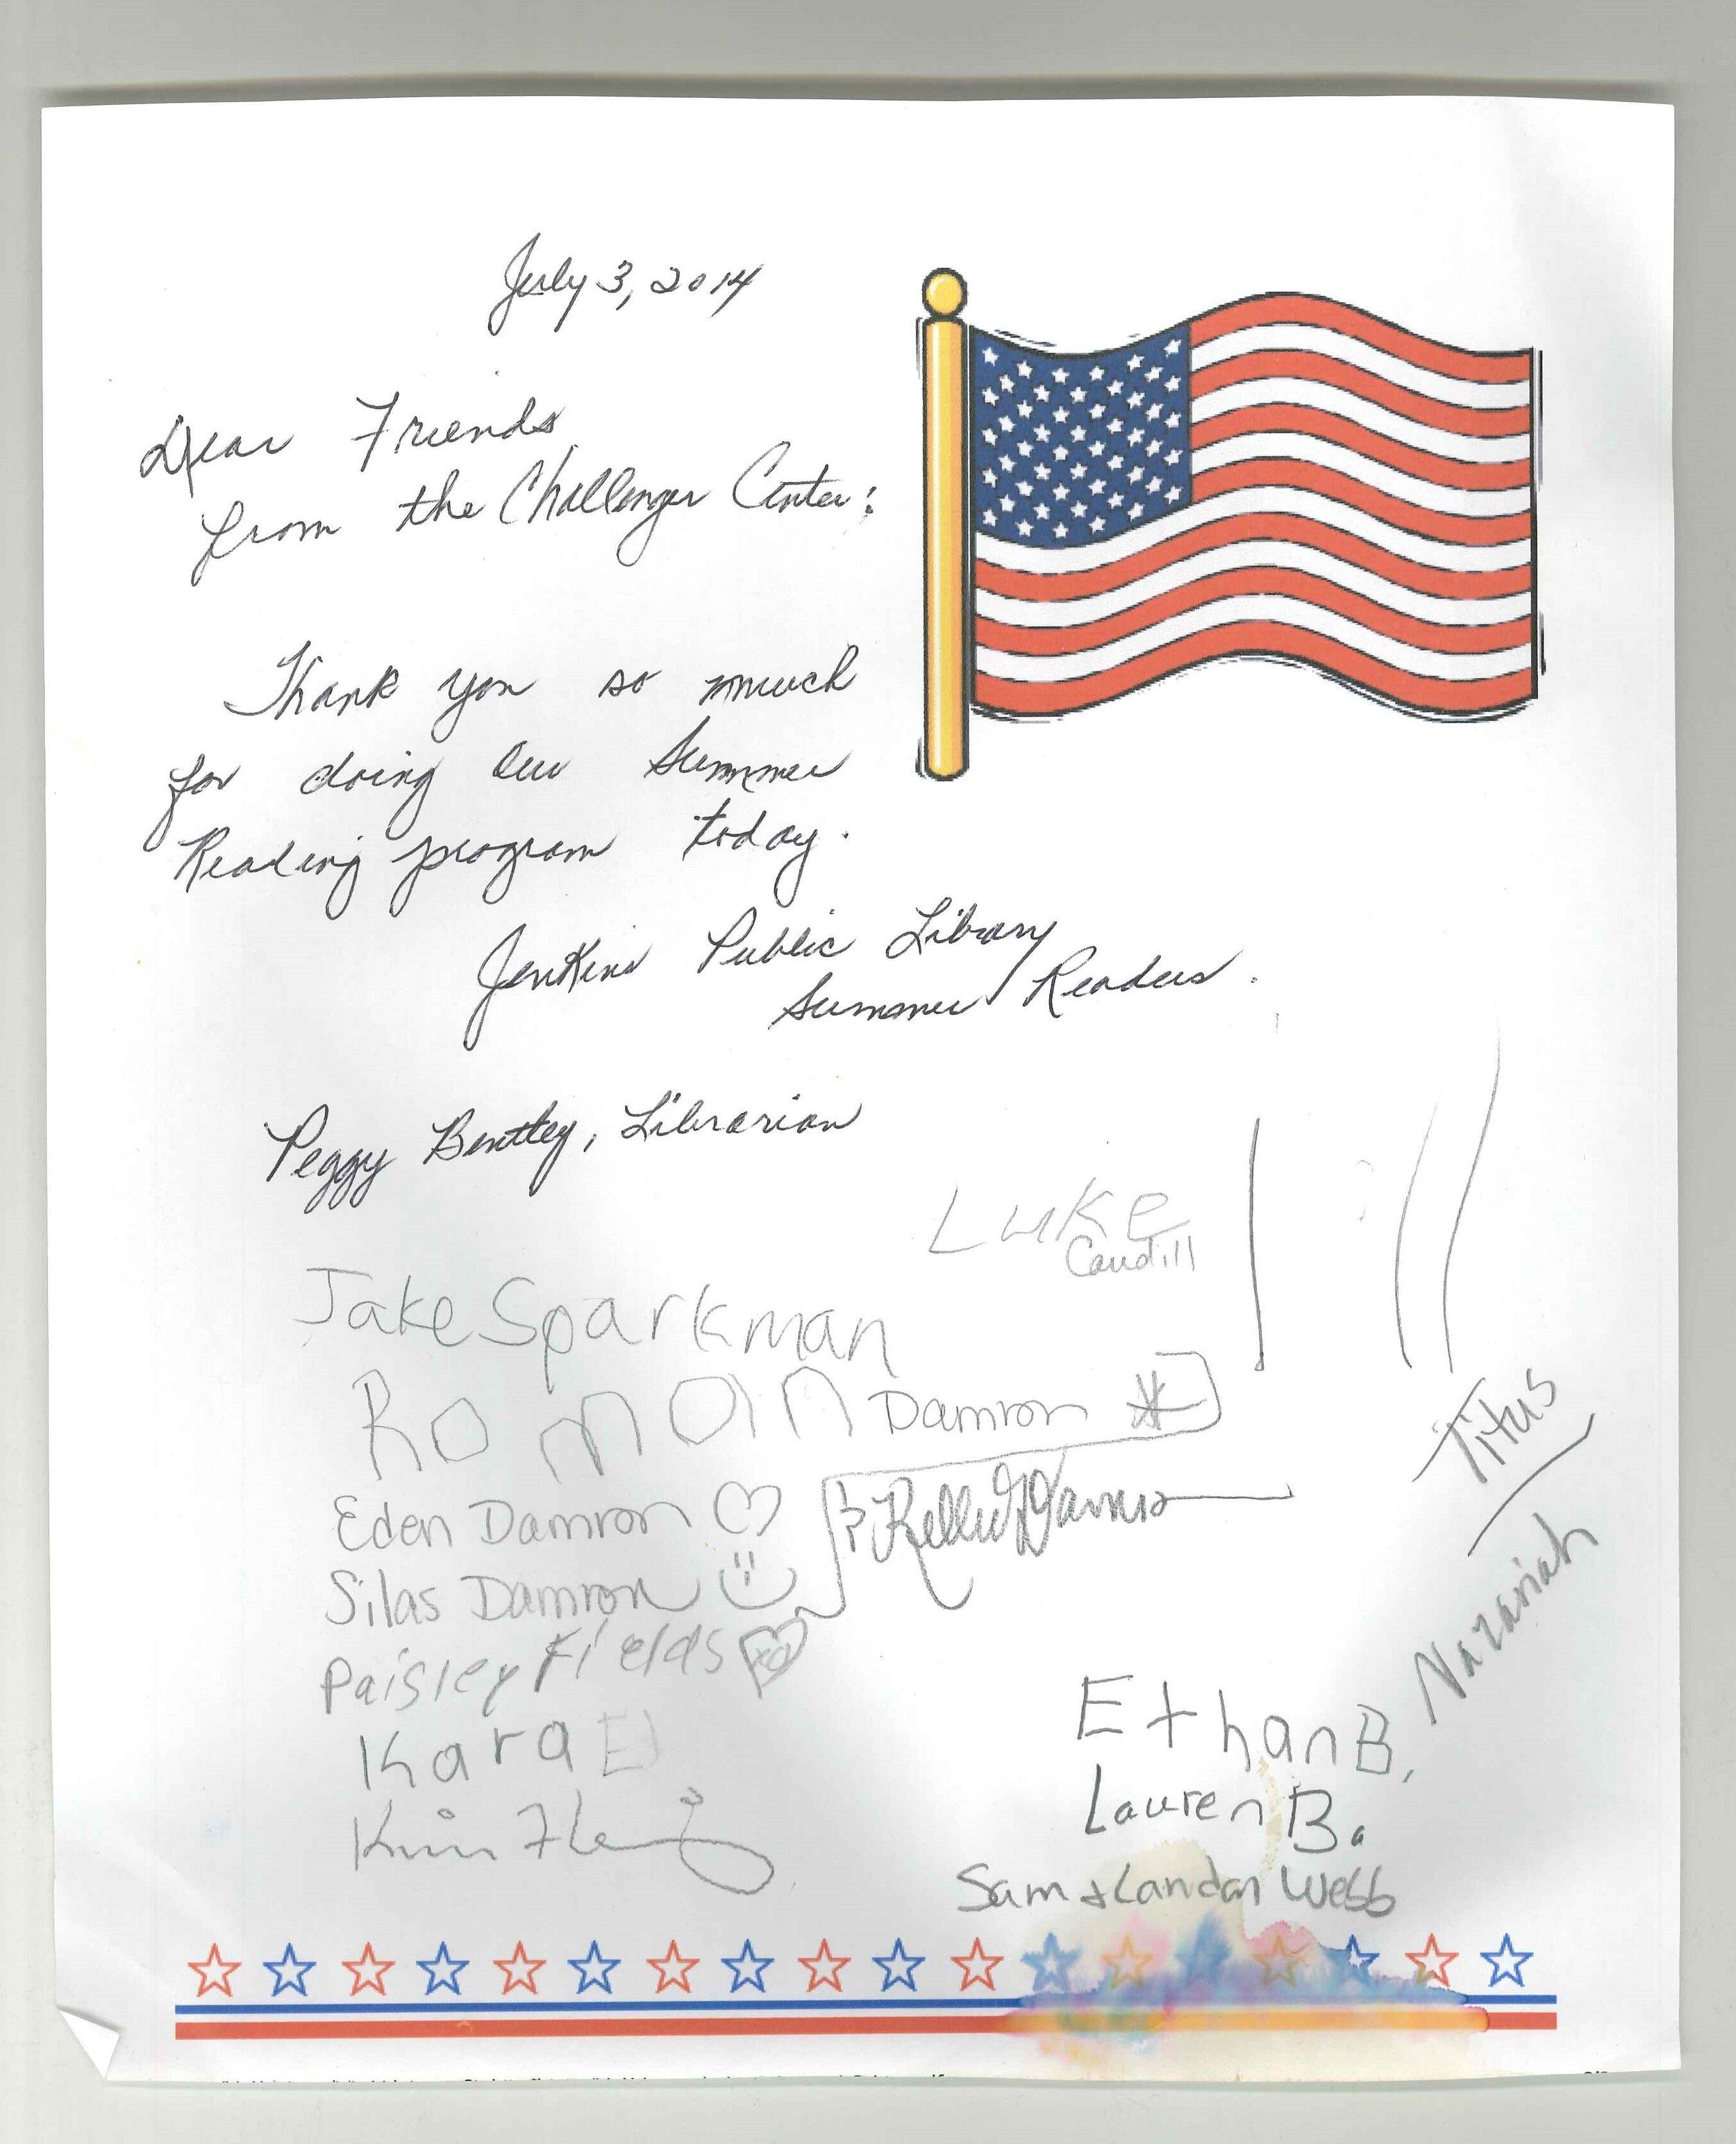 2014-07-03 Thank you letter for summer reading program.jpg